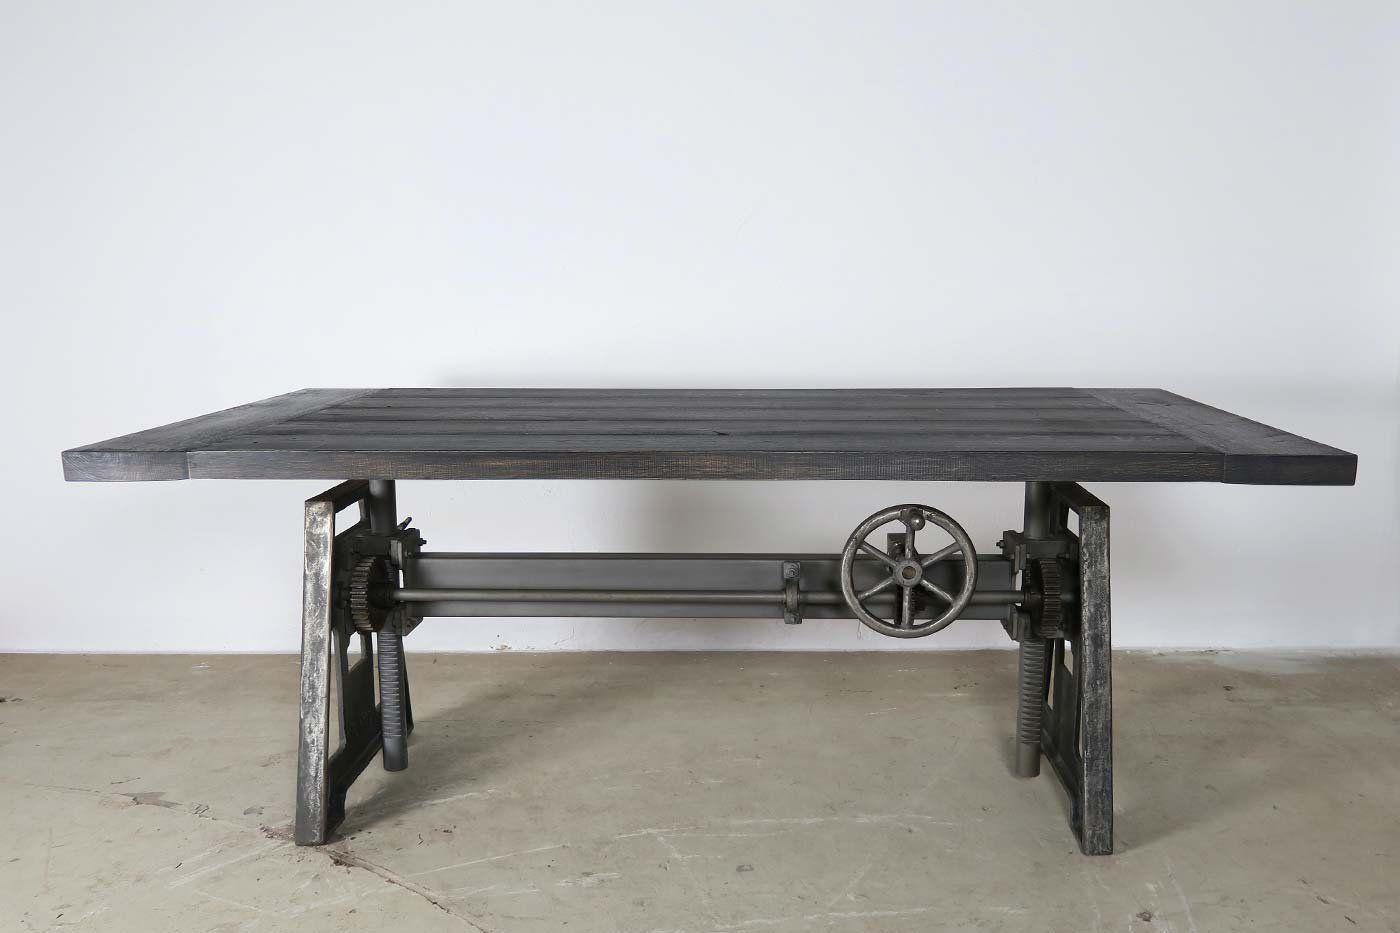 Esstisch Hohenverstellbar Eiche Massiv Epoxid Tischplatte Unikat 246x Eiche Massiv Esstisch Tisch